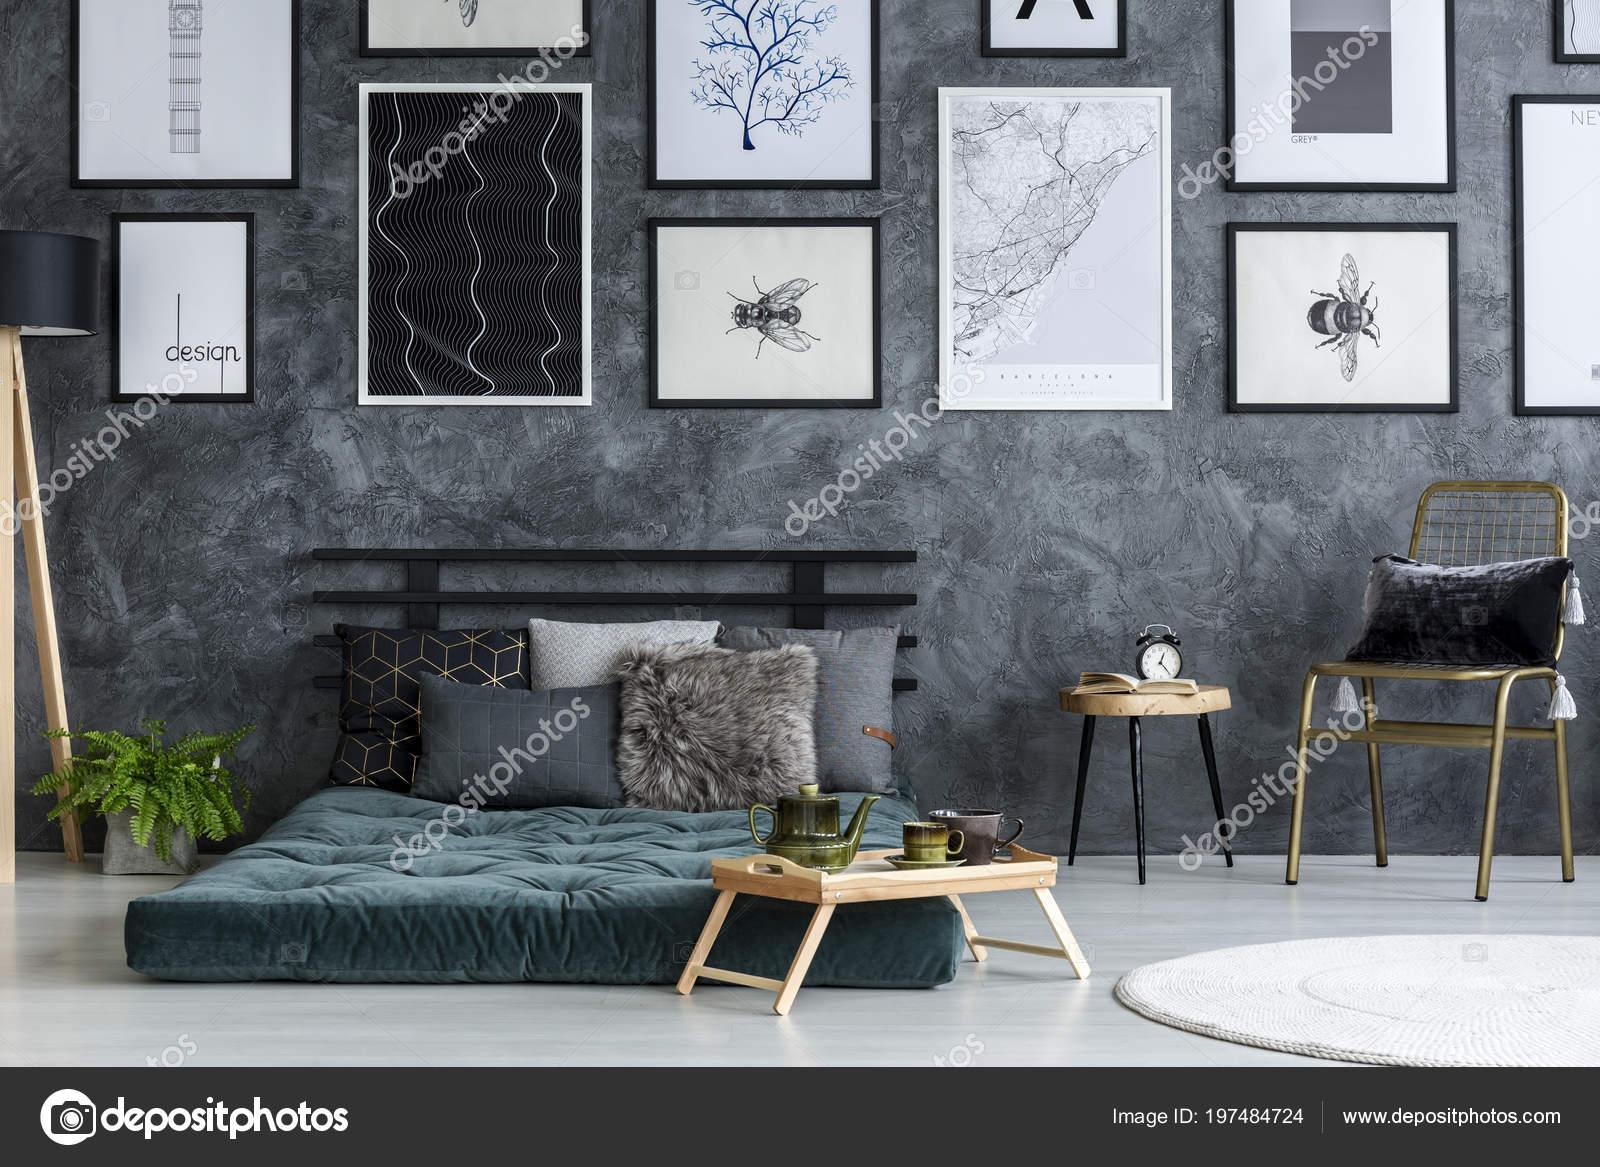 Slaapkamer Groen Grijs : Gouden stoel naast een tabel grijs slaapkamer interieur met posters